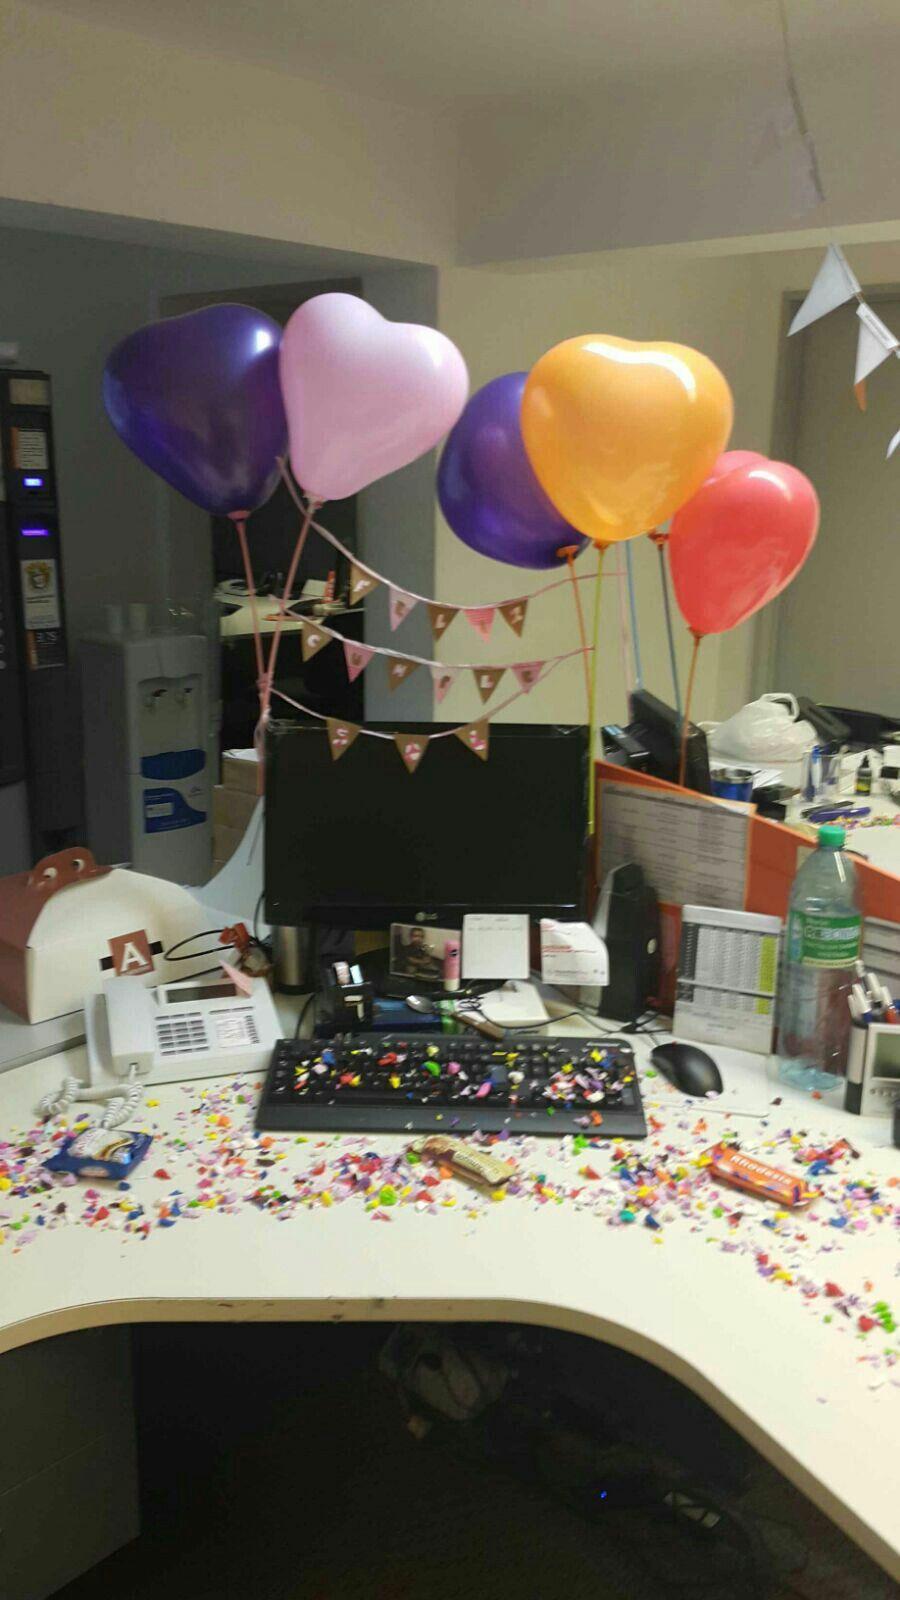 Cumplea os decoracion oficina cumplea os deco oficina for Decoracion para oficina